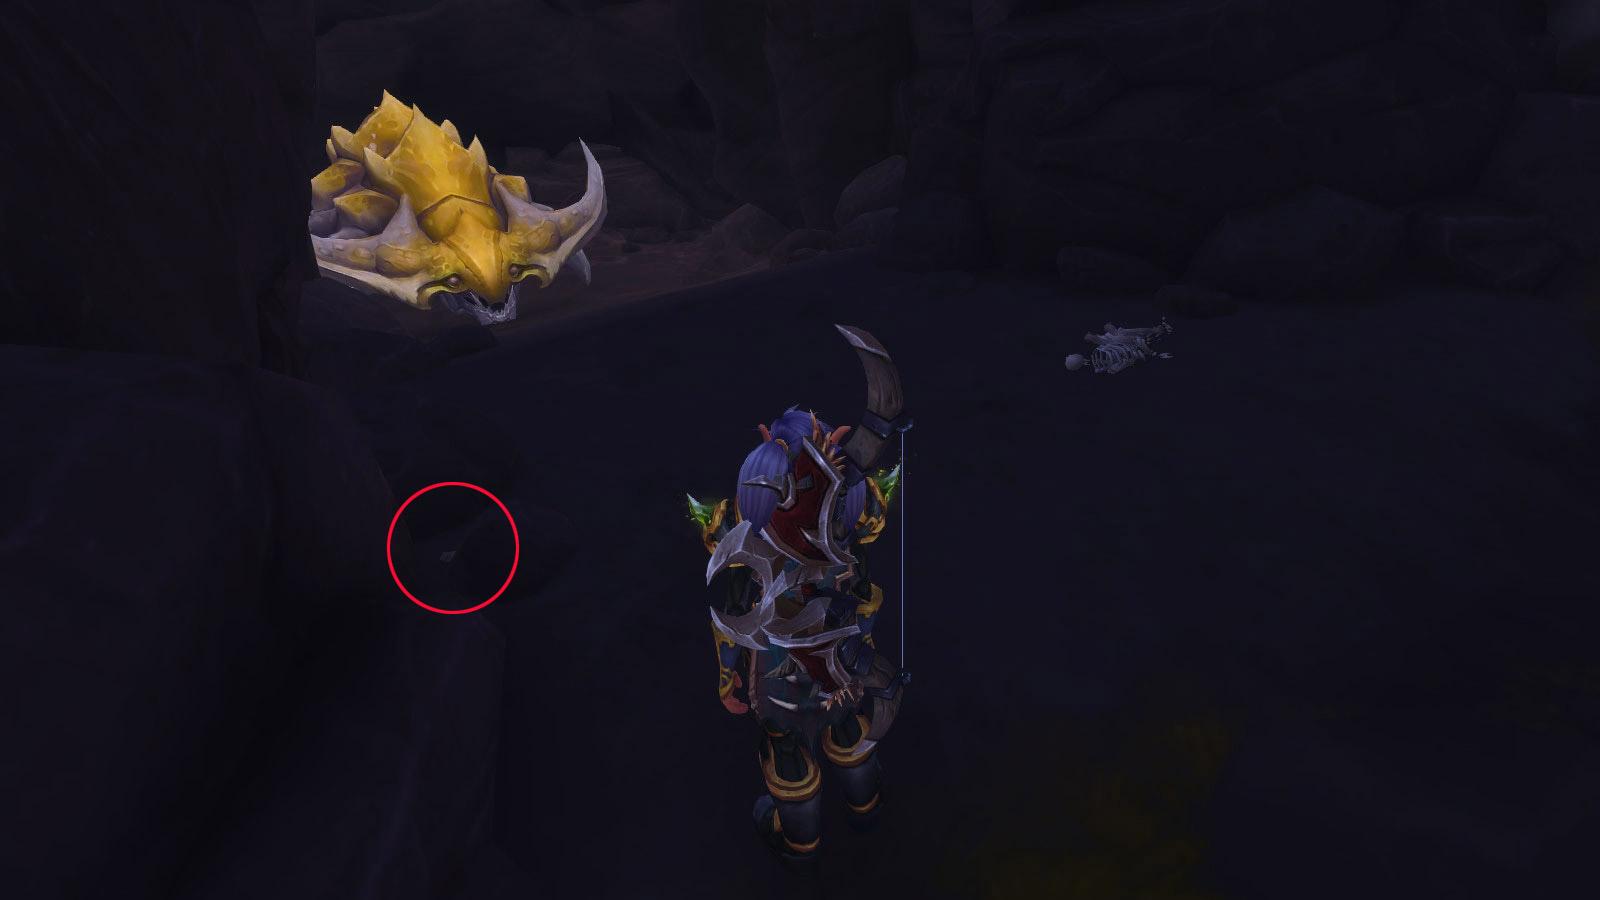 Le caillou se situe sur la gauche dans la grotte